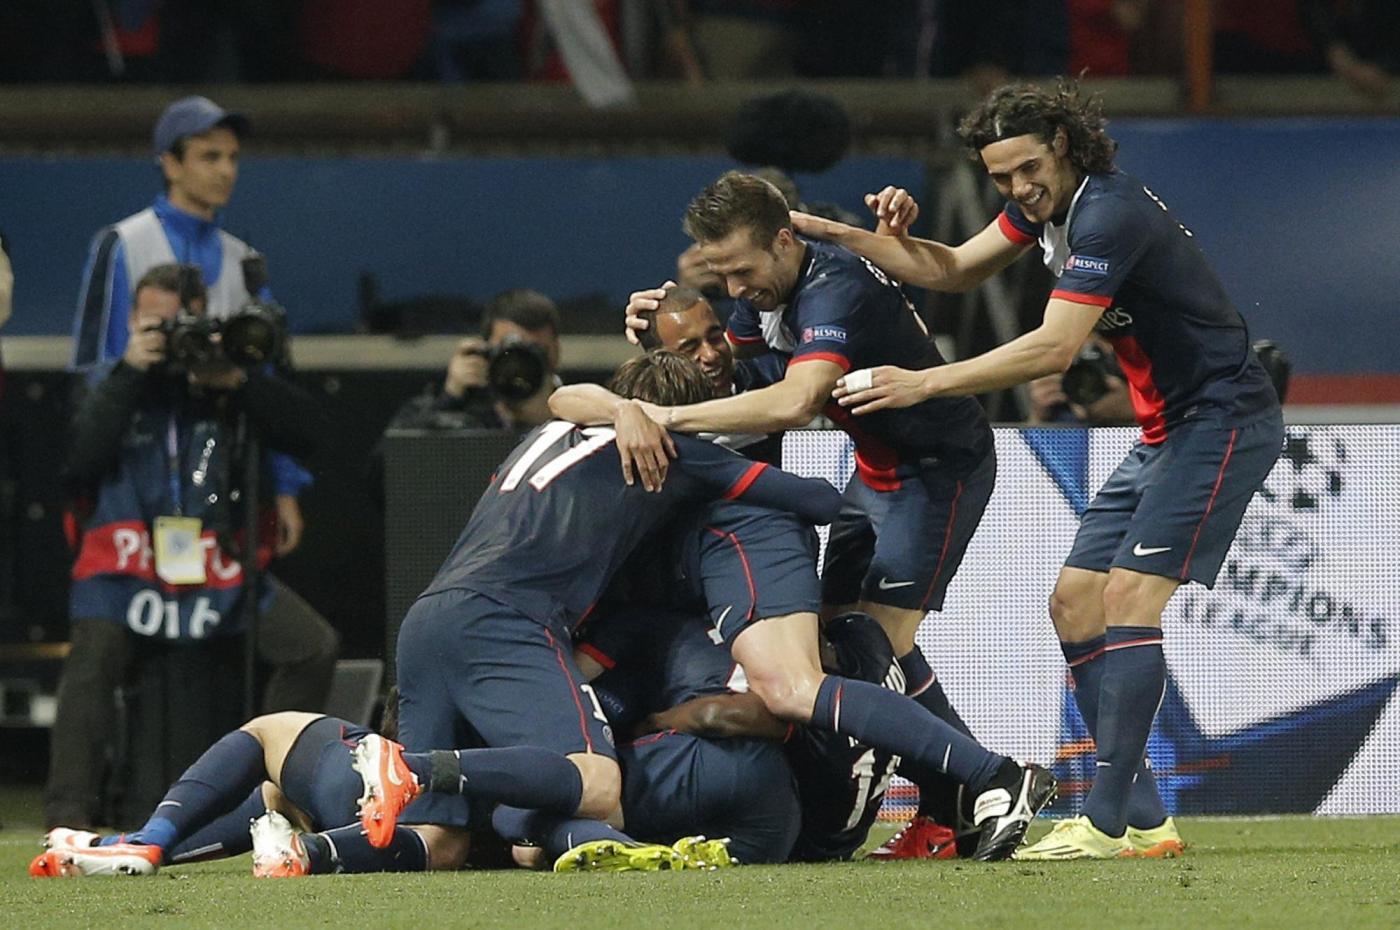 PSG campione di Francia 2013/14, il Monaco si arrende